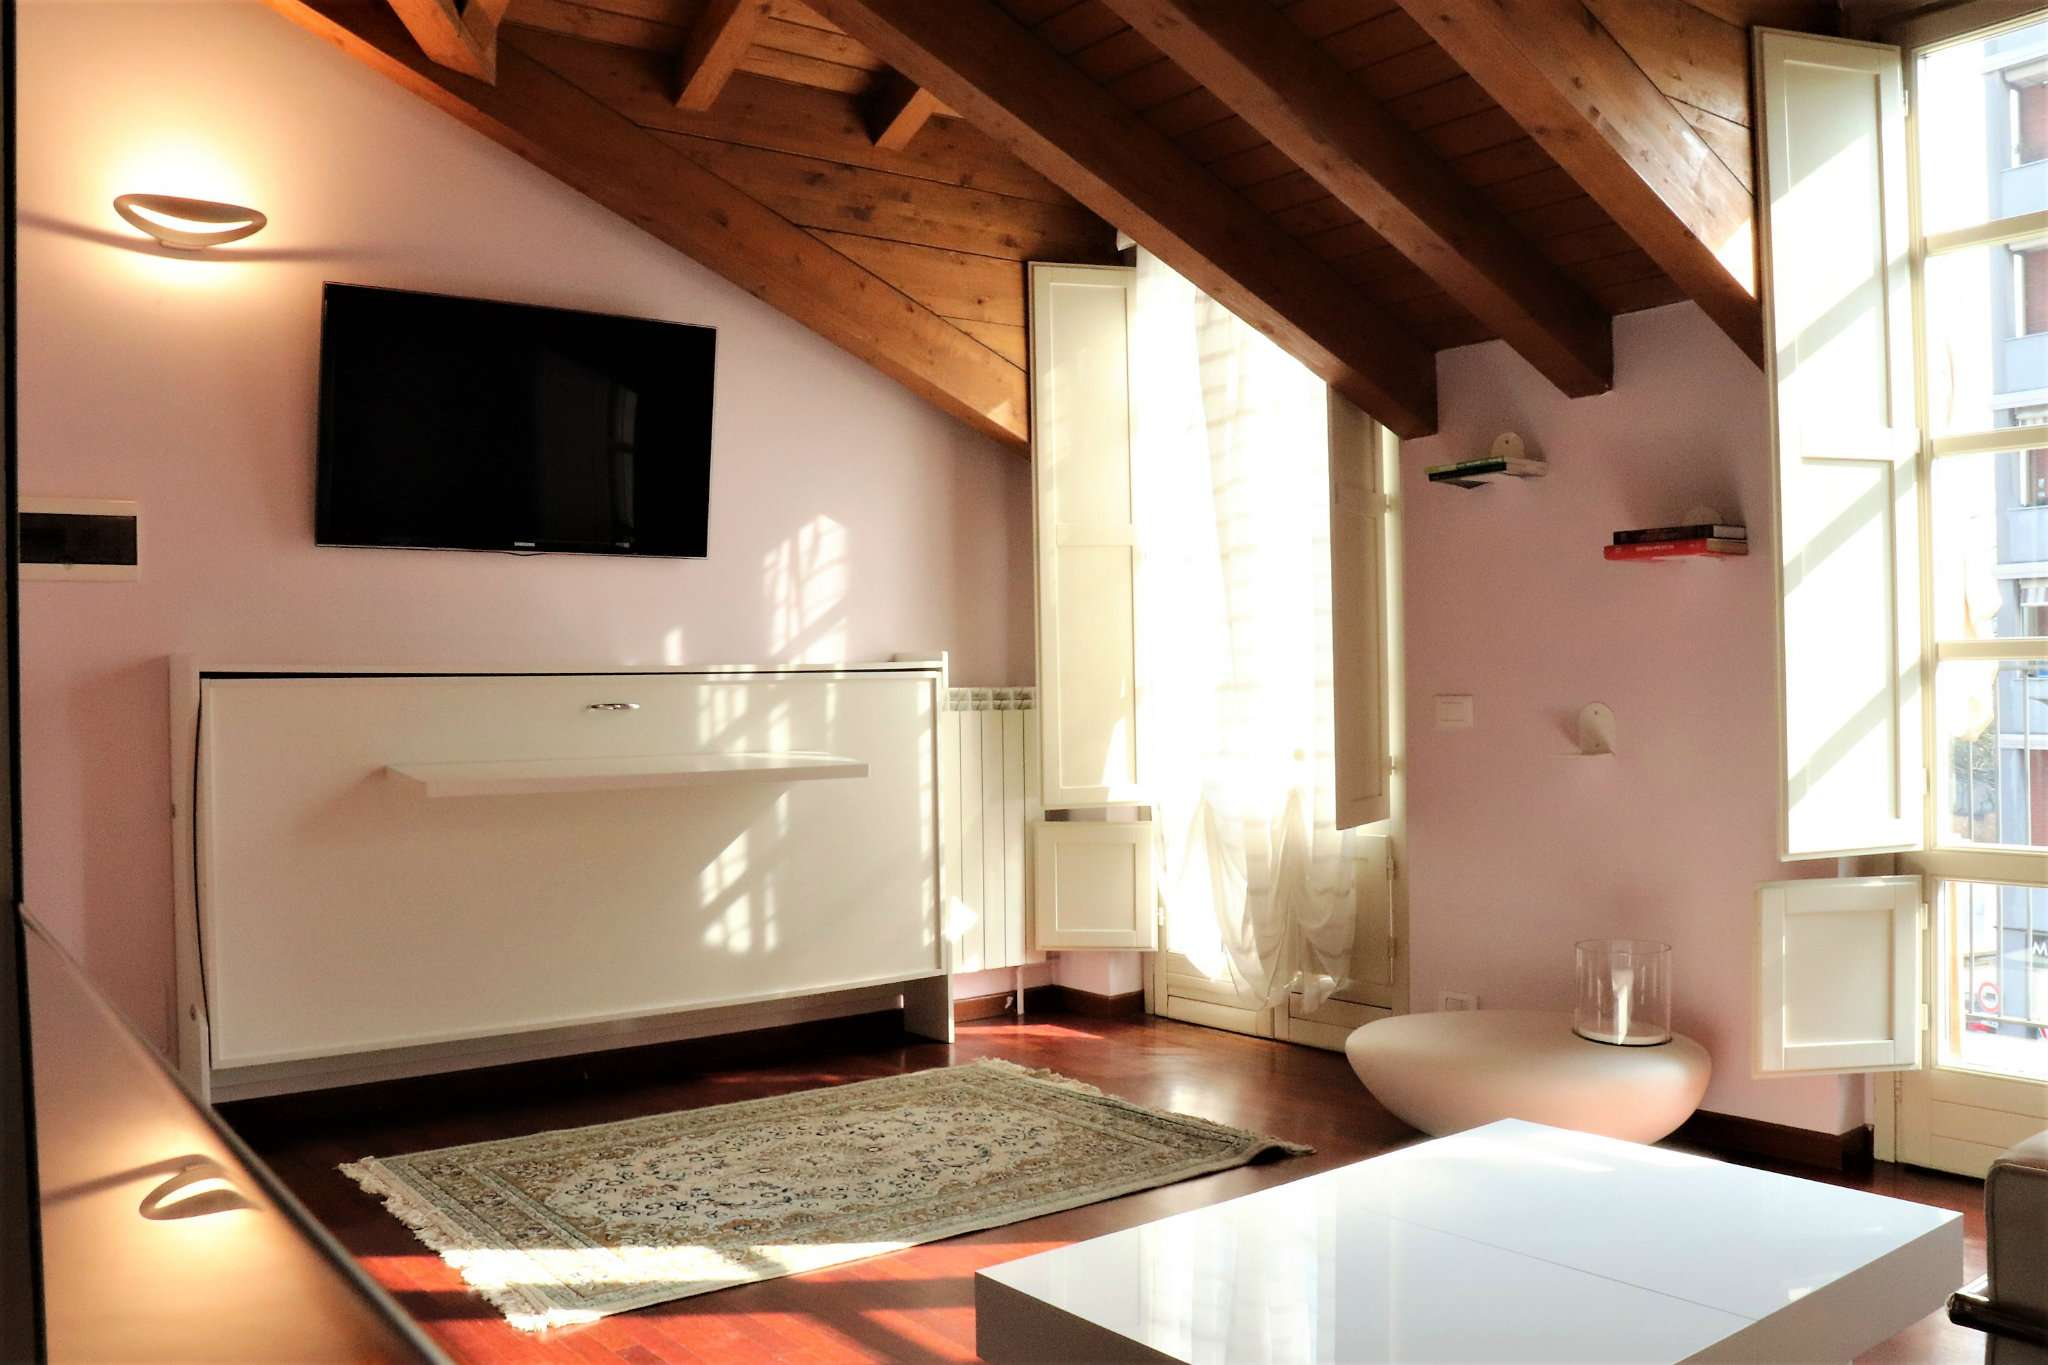 Bilocale vendita concorezzo via san rainaldo for Planimetrie con stanze segrete